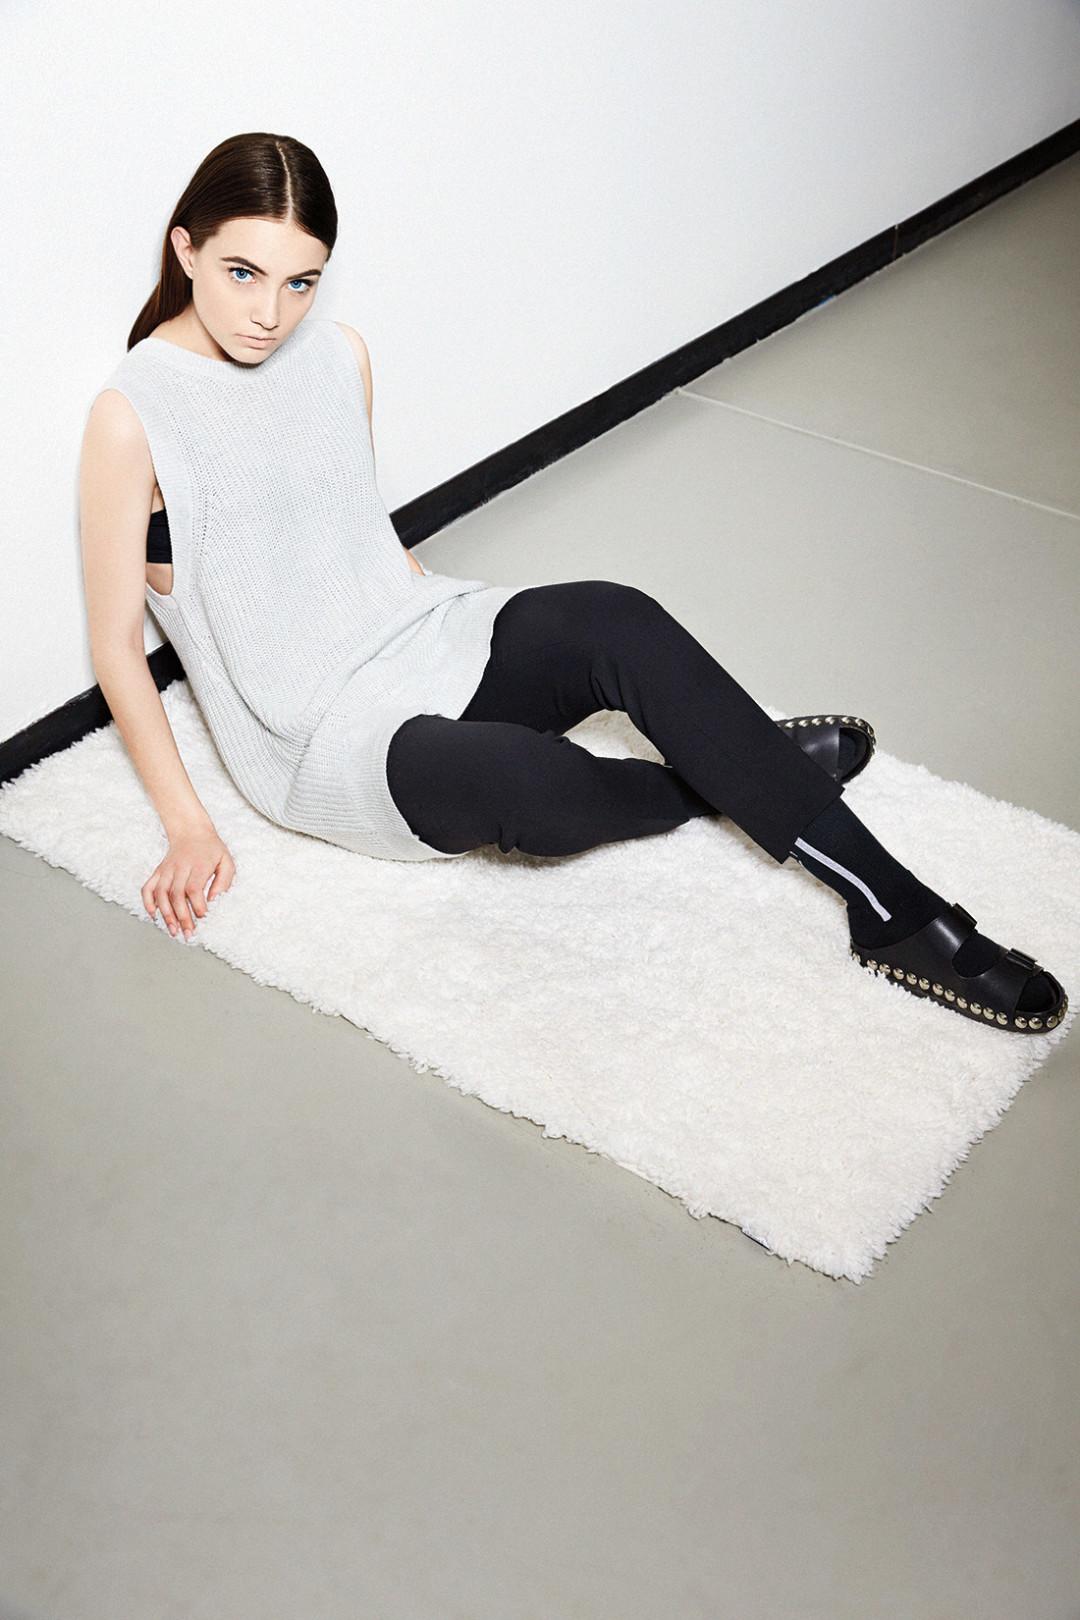 0215 plain spoken grey top black pants ctycd7